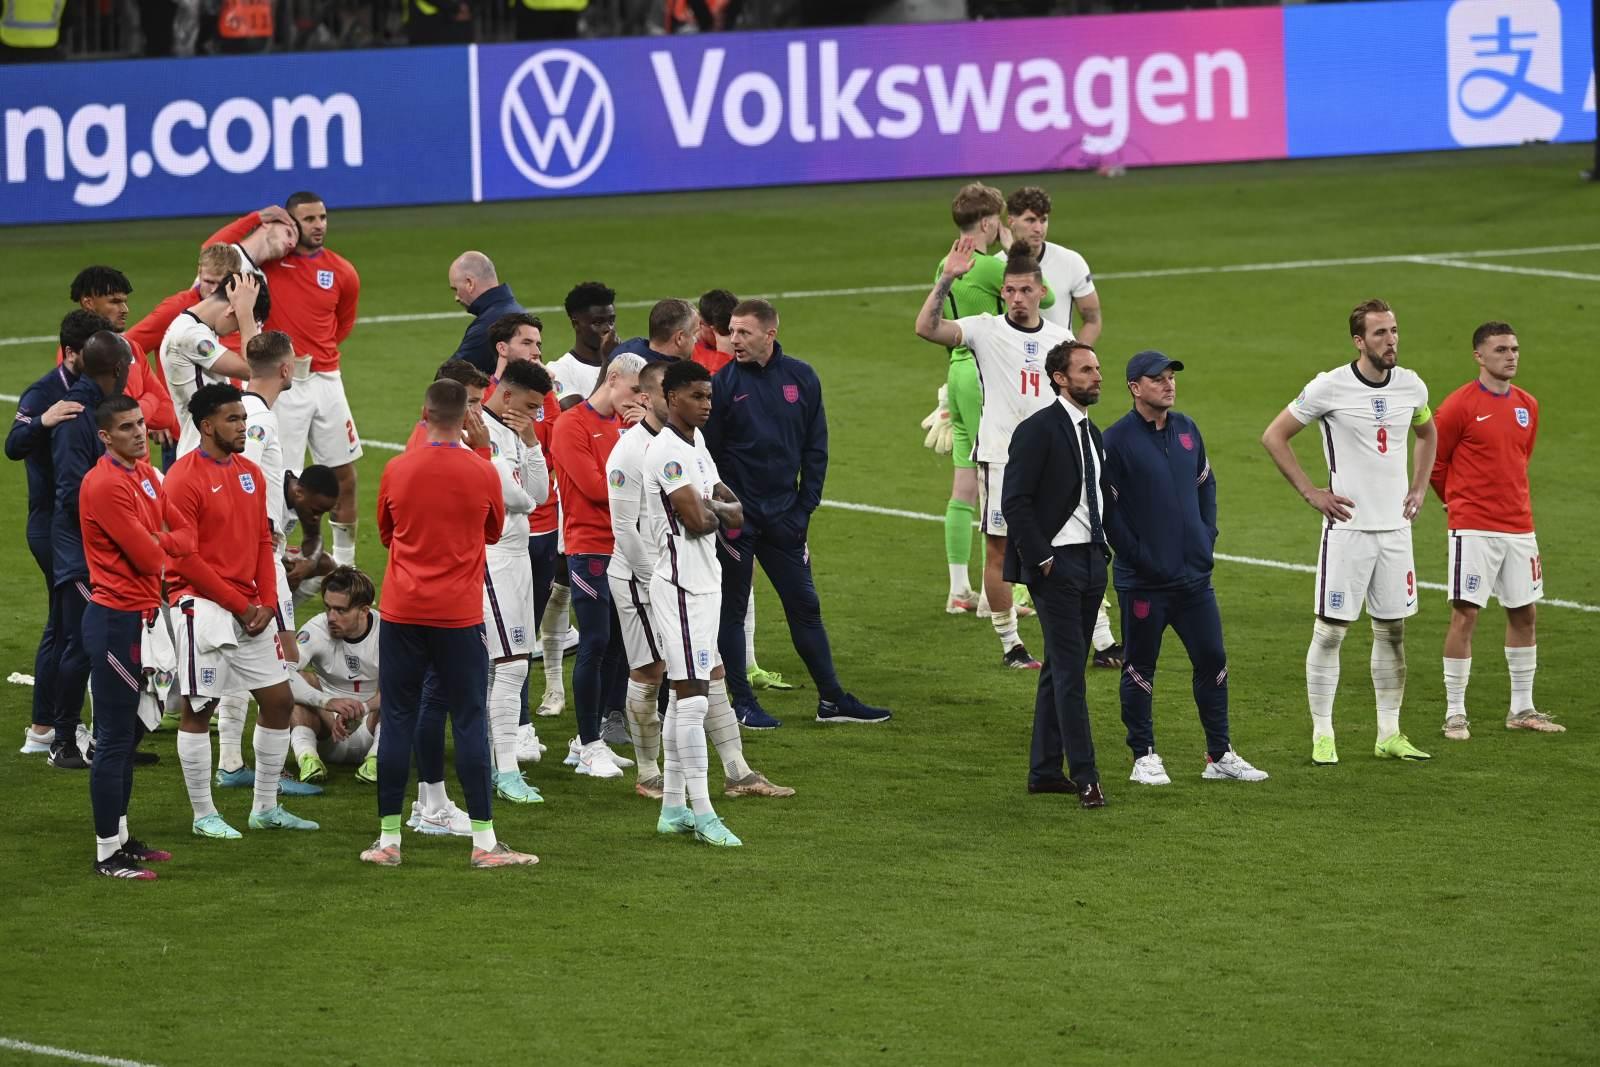 Глава МИД Венгрии высказал претензии в сторону Футбольной ассоциации Англии